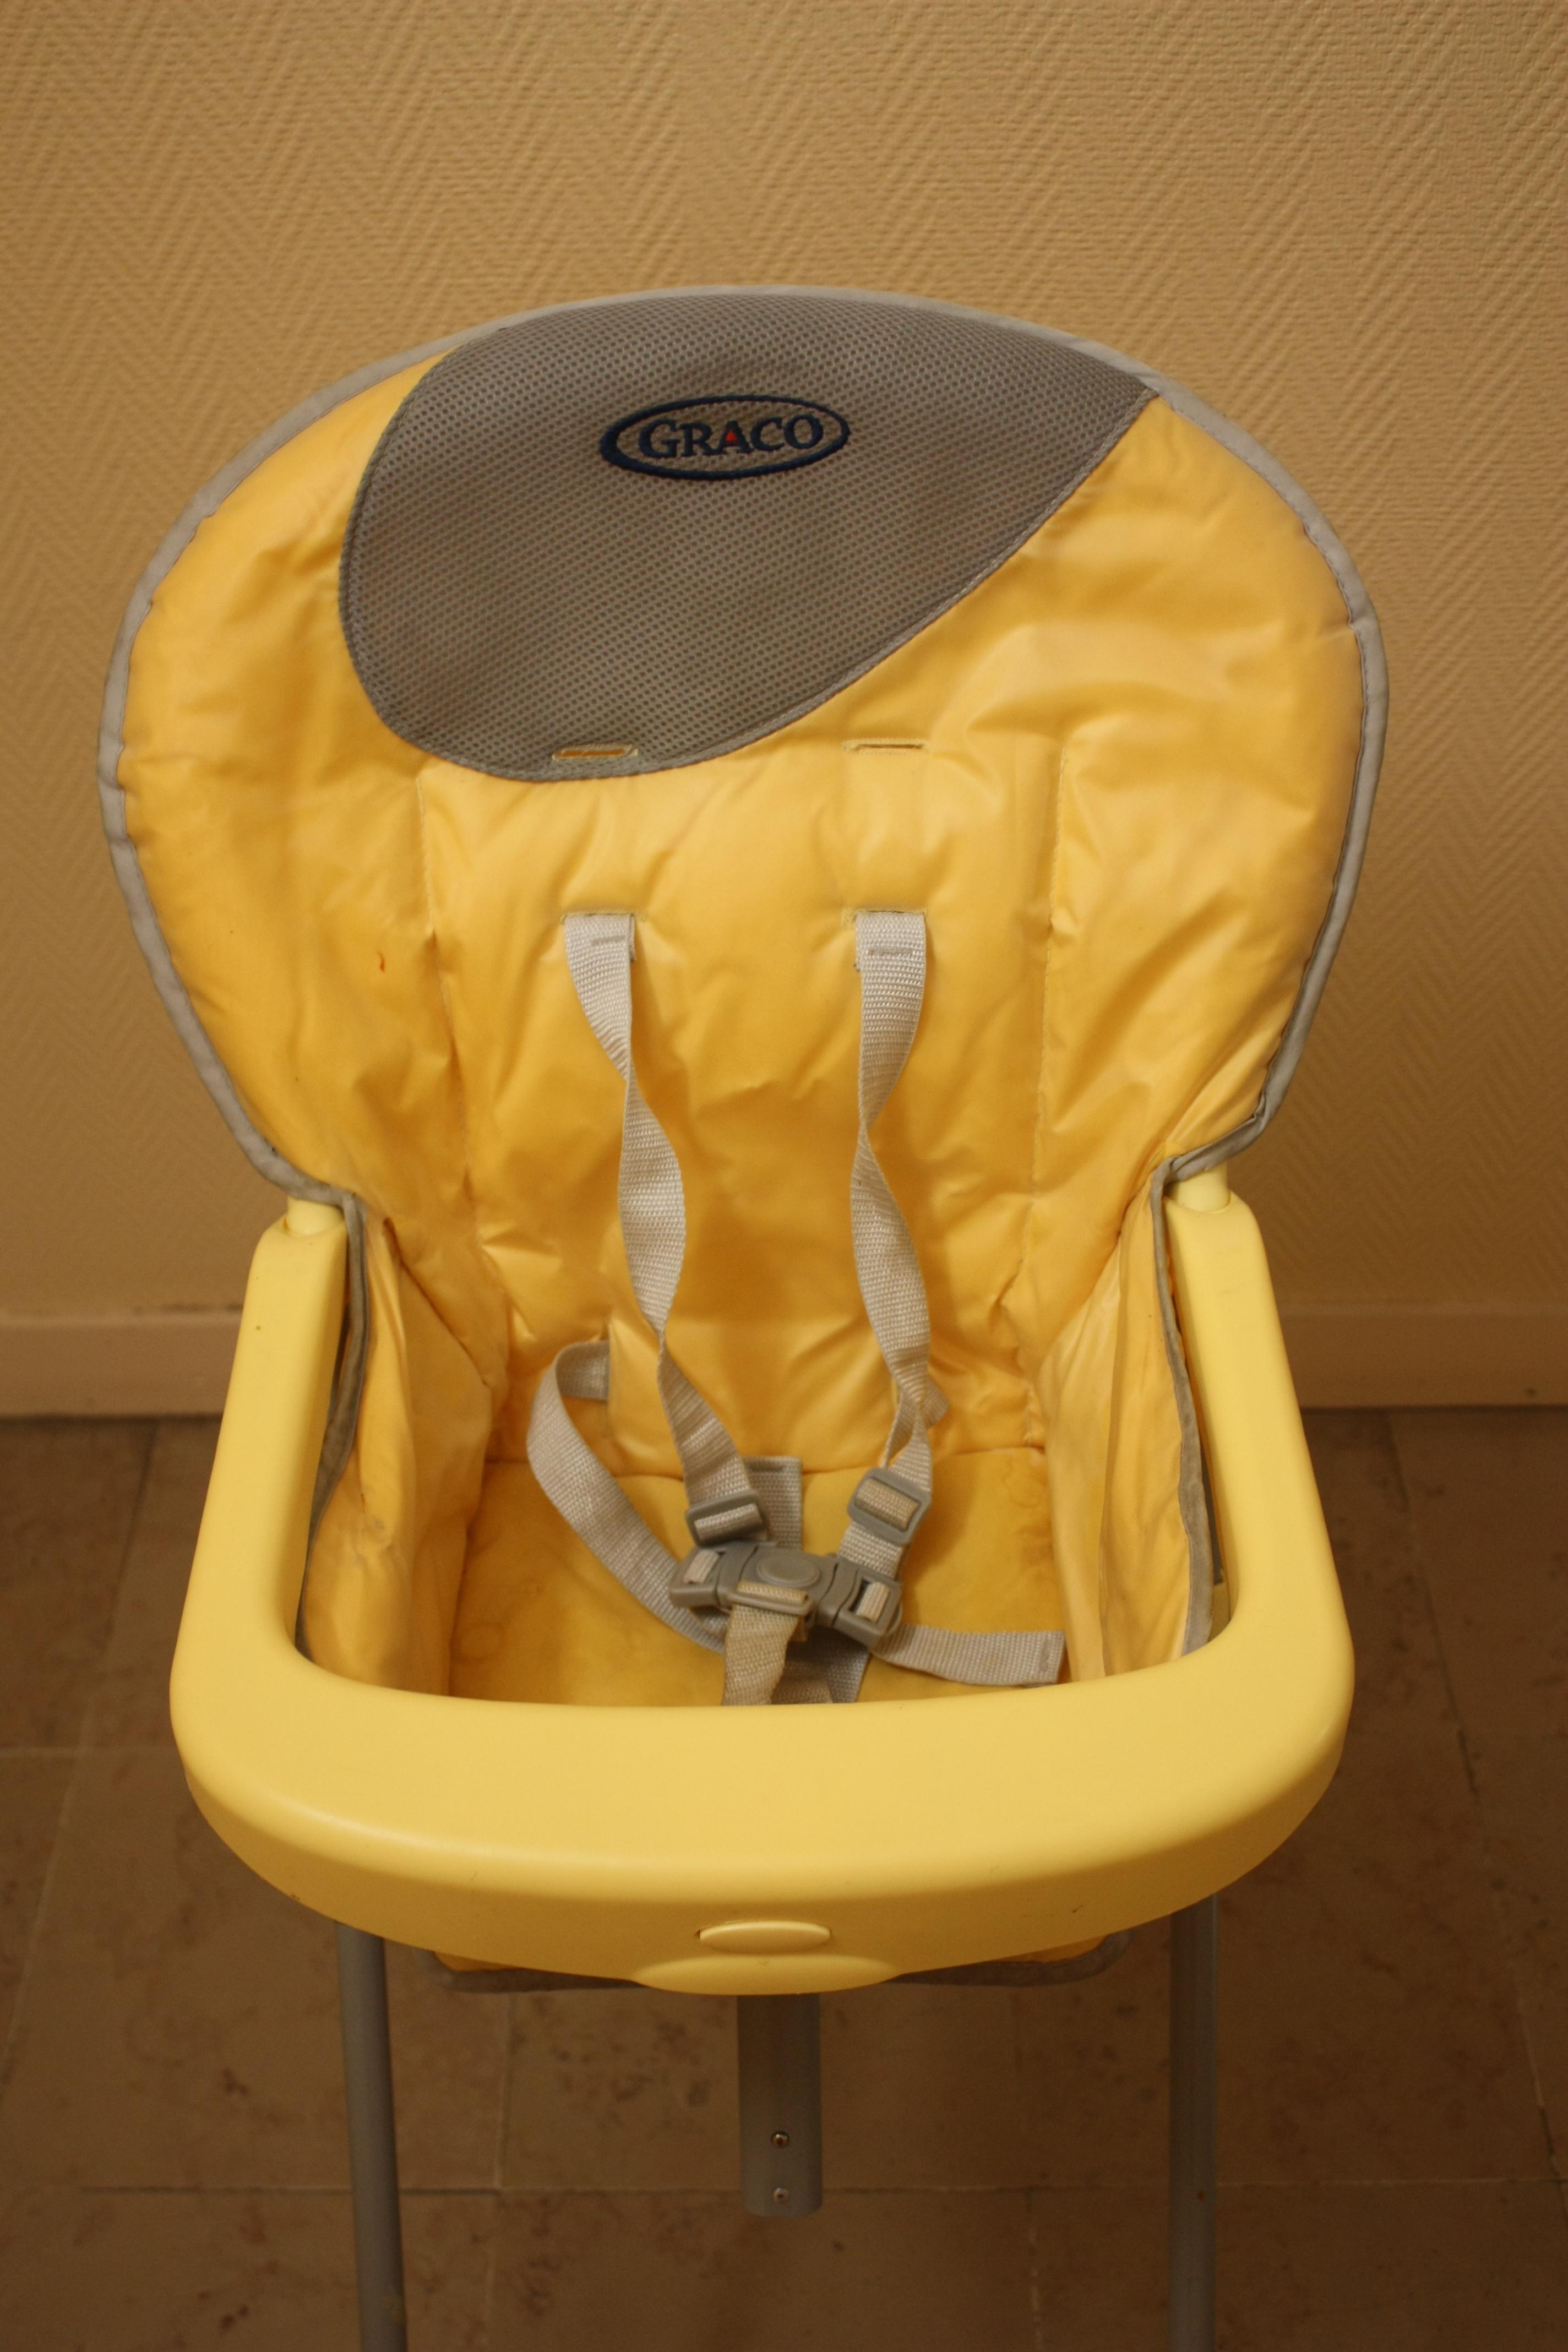 troc de troc chaise haute pliable bébé image 1